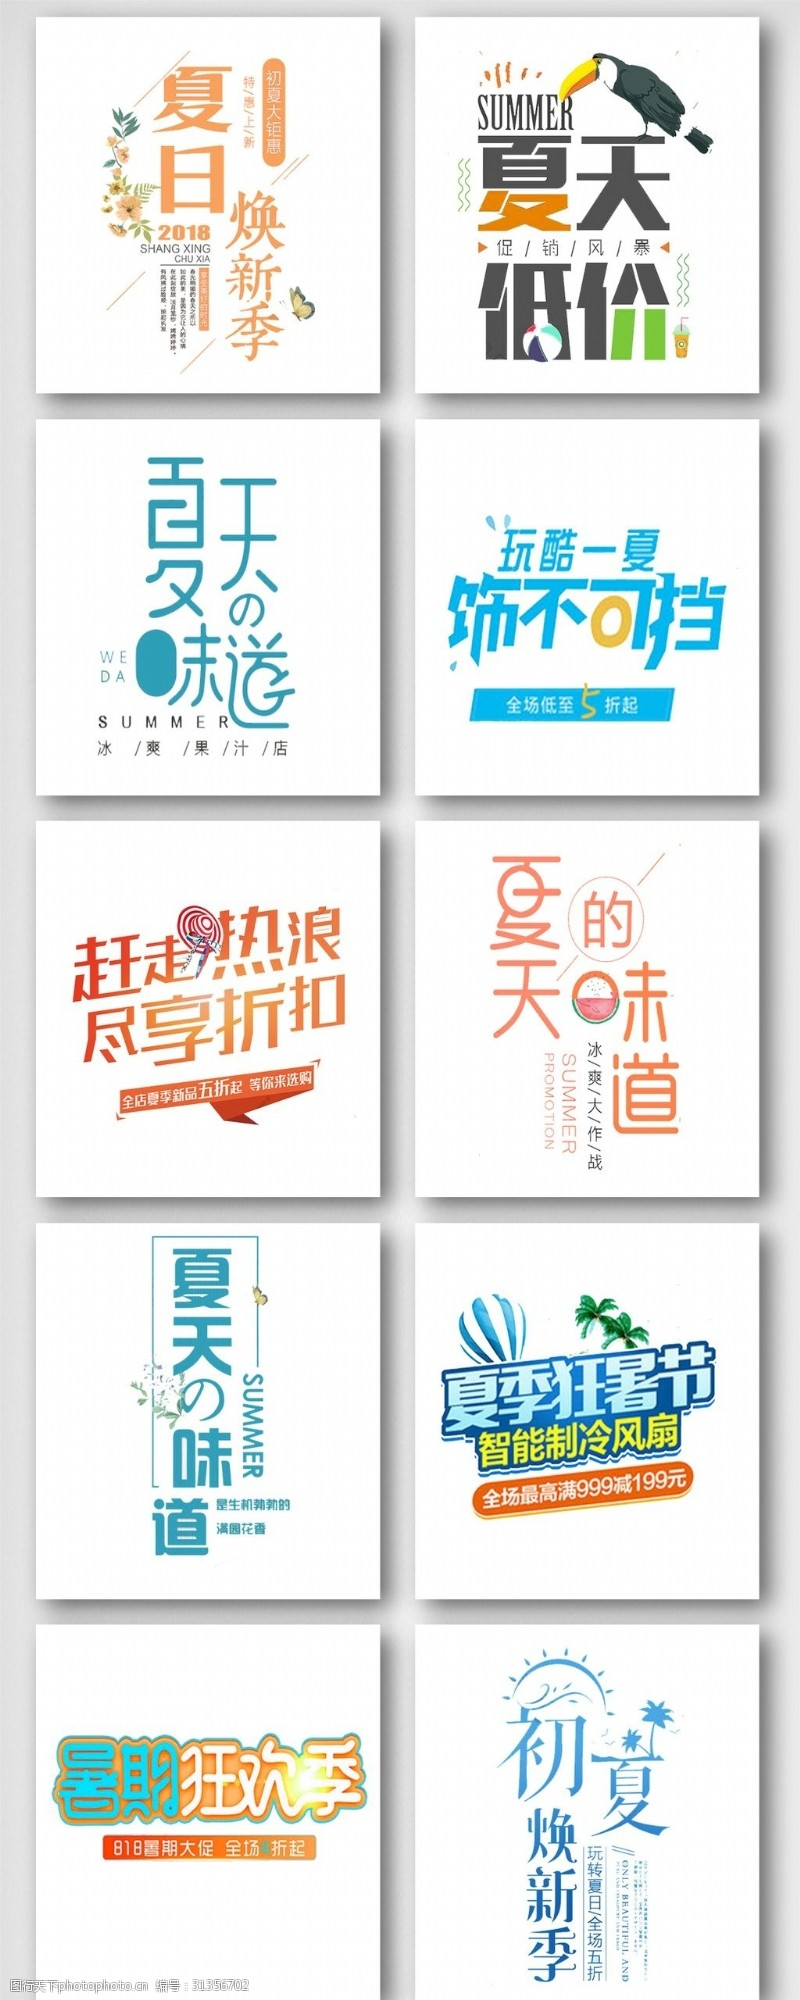 夏季促销字体小清新夏天促销艺术字体素材